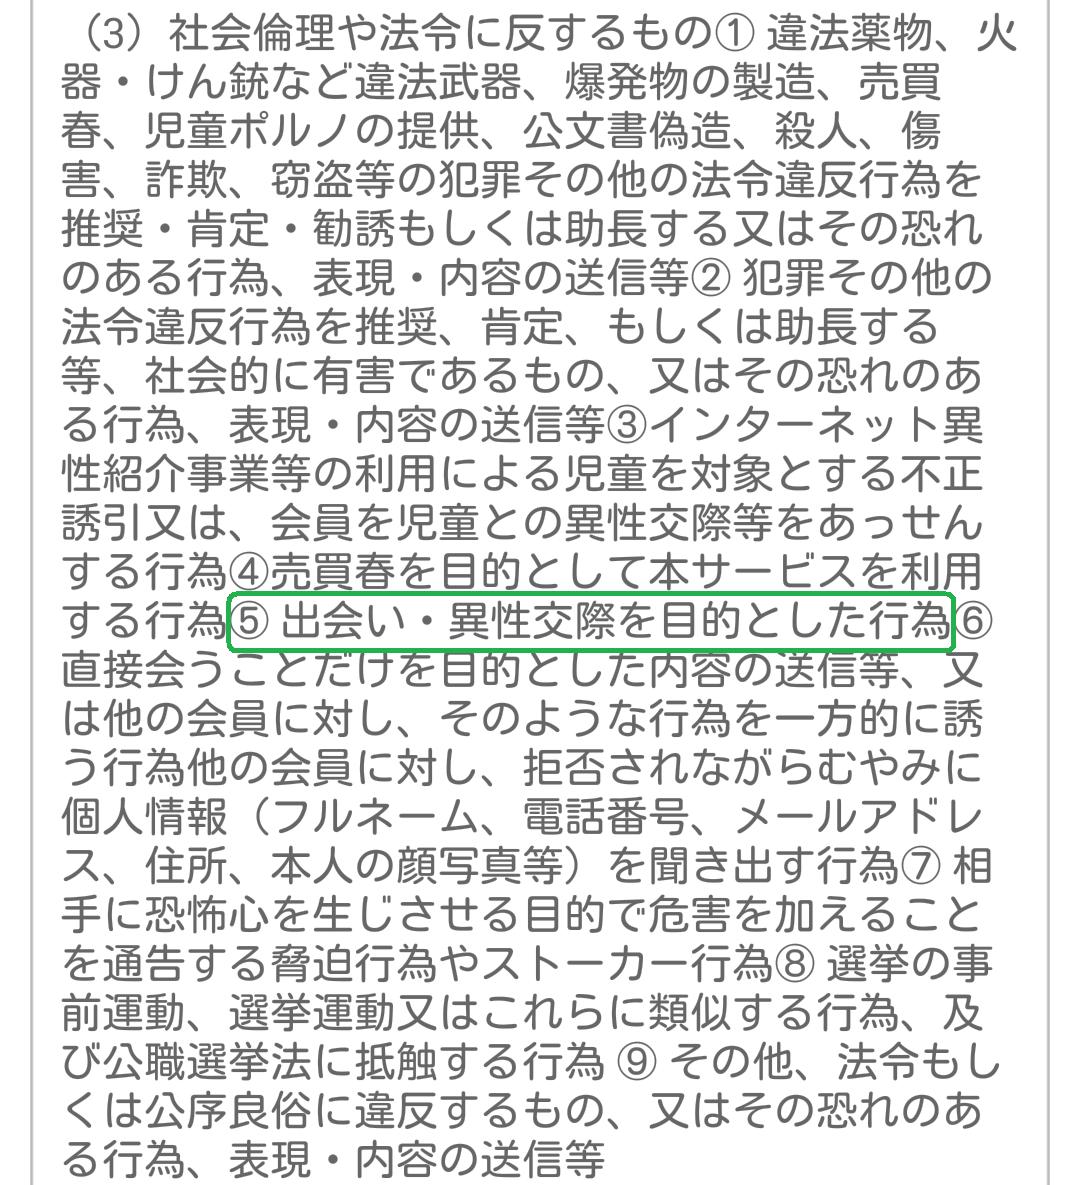 登録無料チャット【マジアイ】恋活・婚活・友達作りを完全サポート♪の利用規約